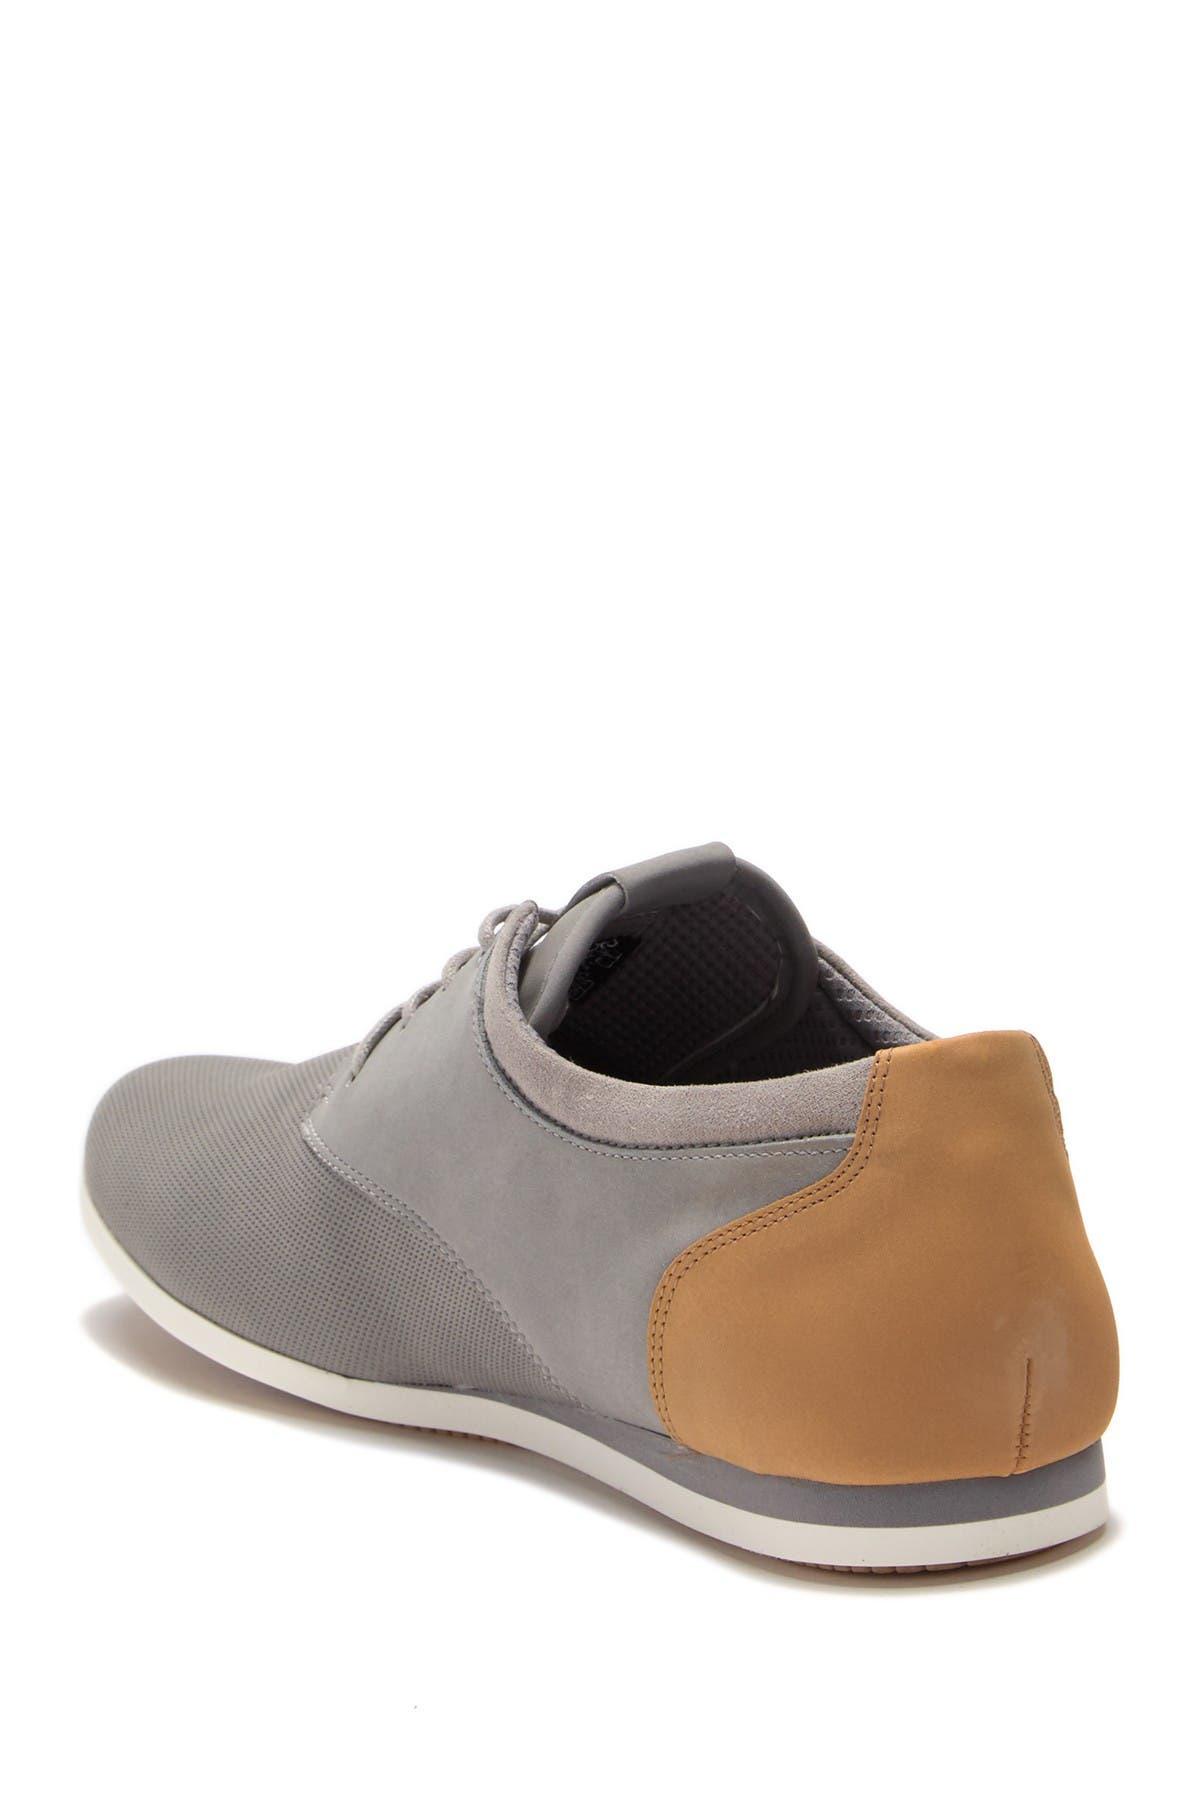 Aldo | Galerisien Sneaker | HauteLook